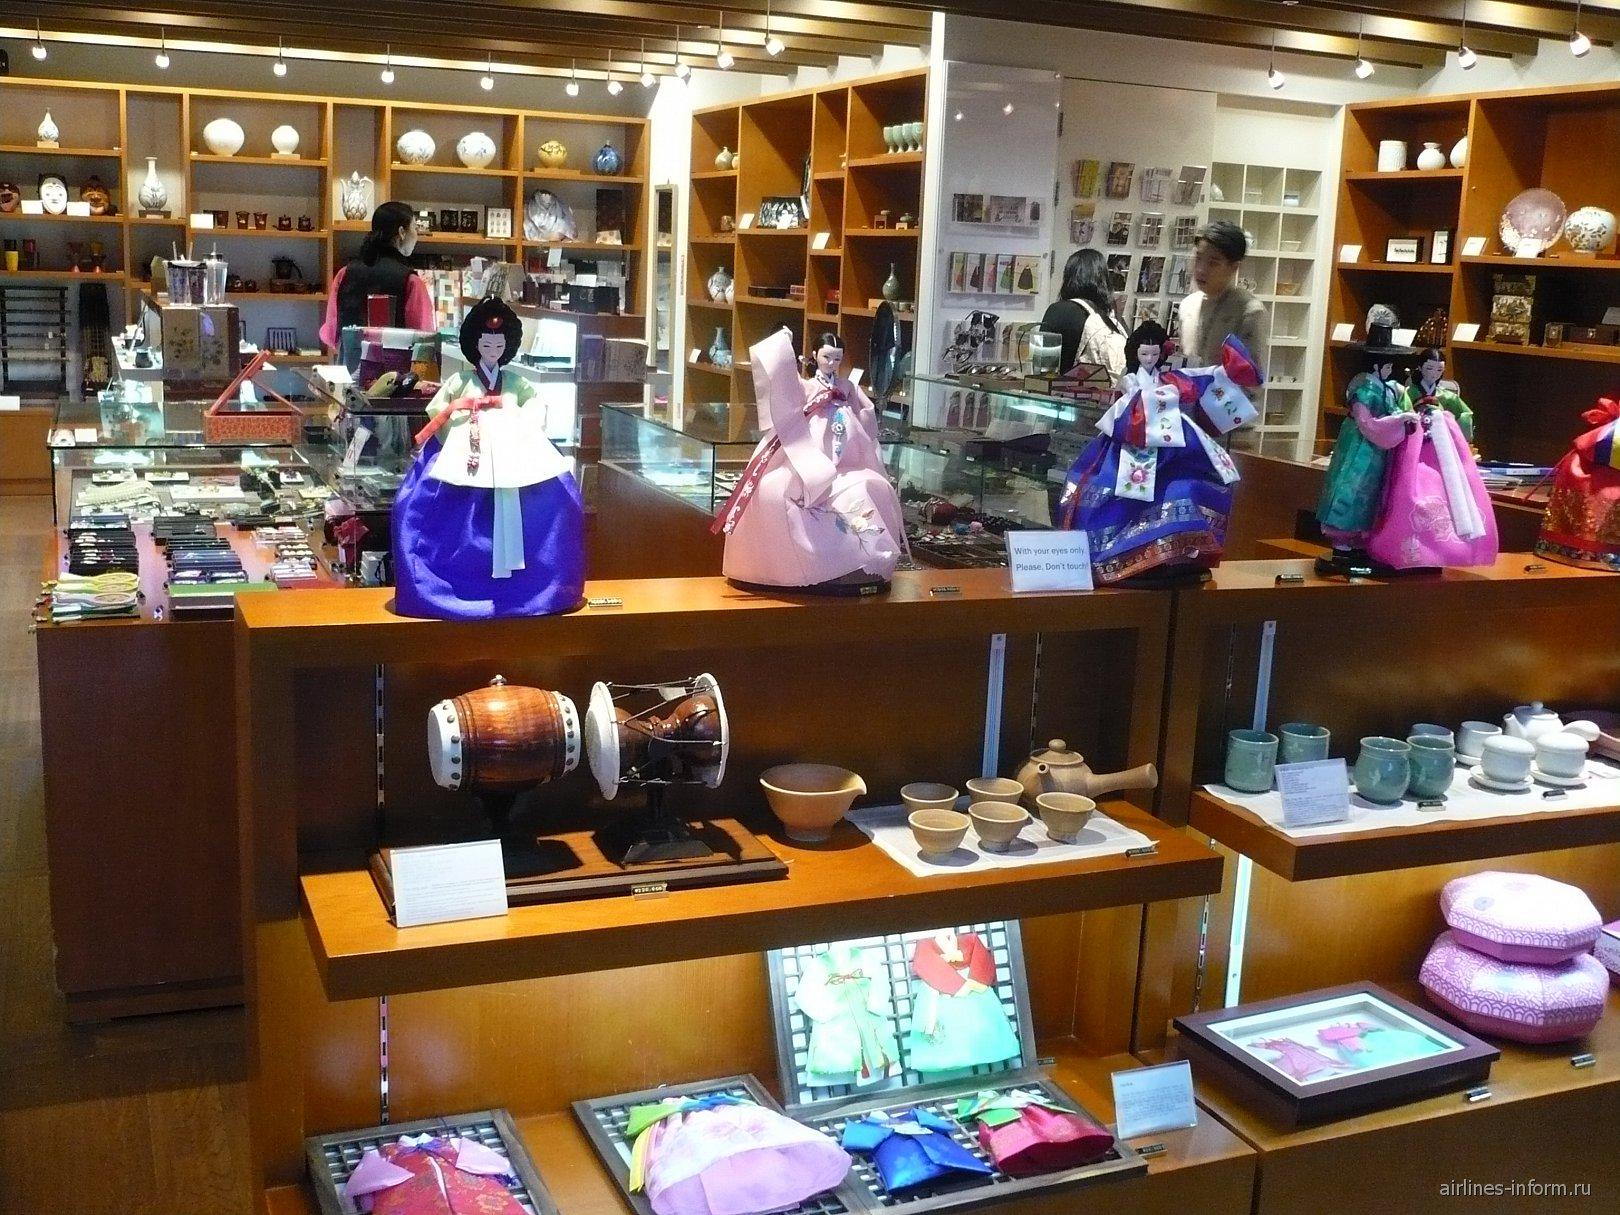 Магазин национальных сувениров в аэропорту Сеул Инчхон